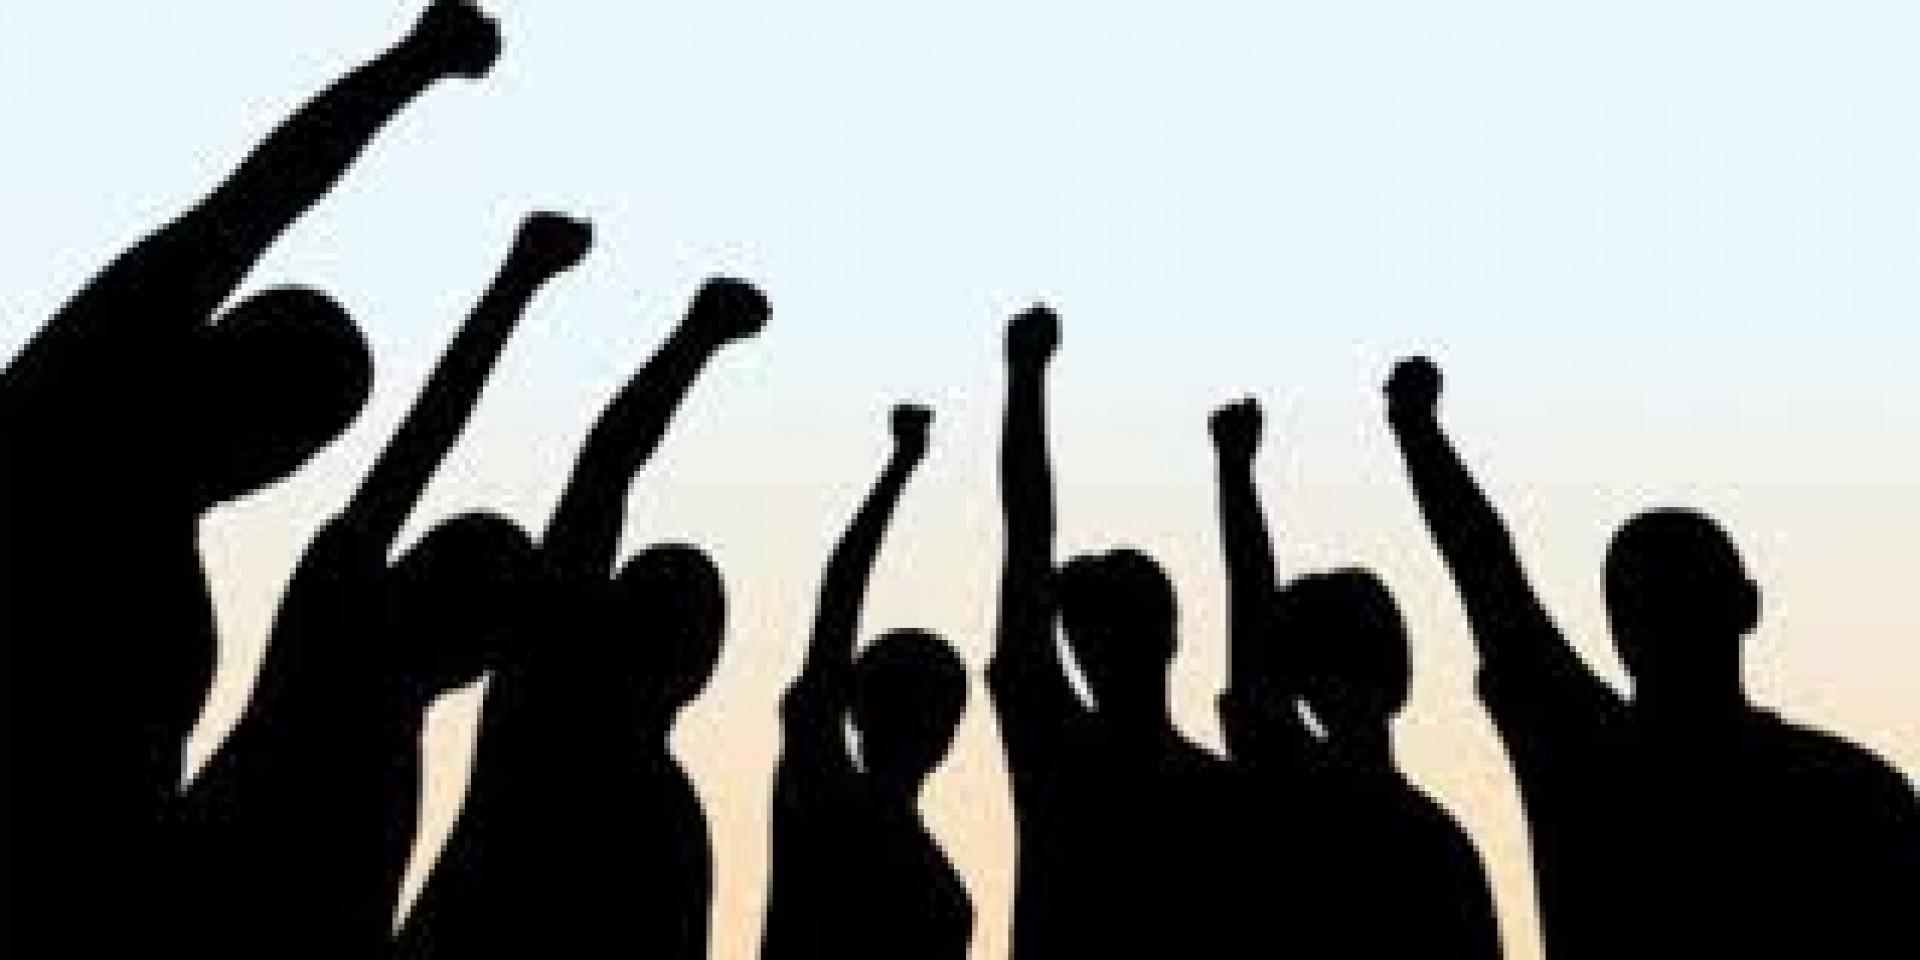 SCC Dorong Pemuda Aktifkan Gaya Hidup Produktif